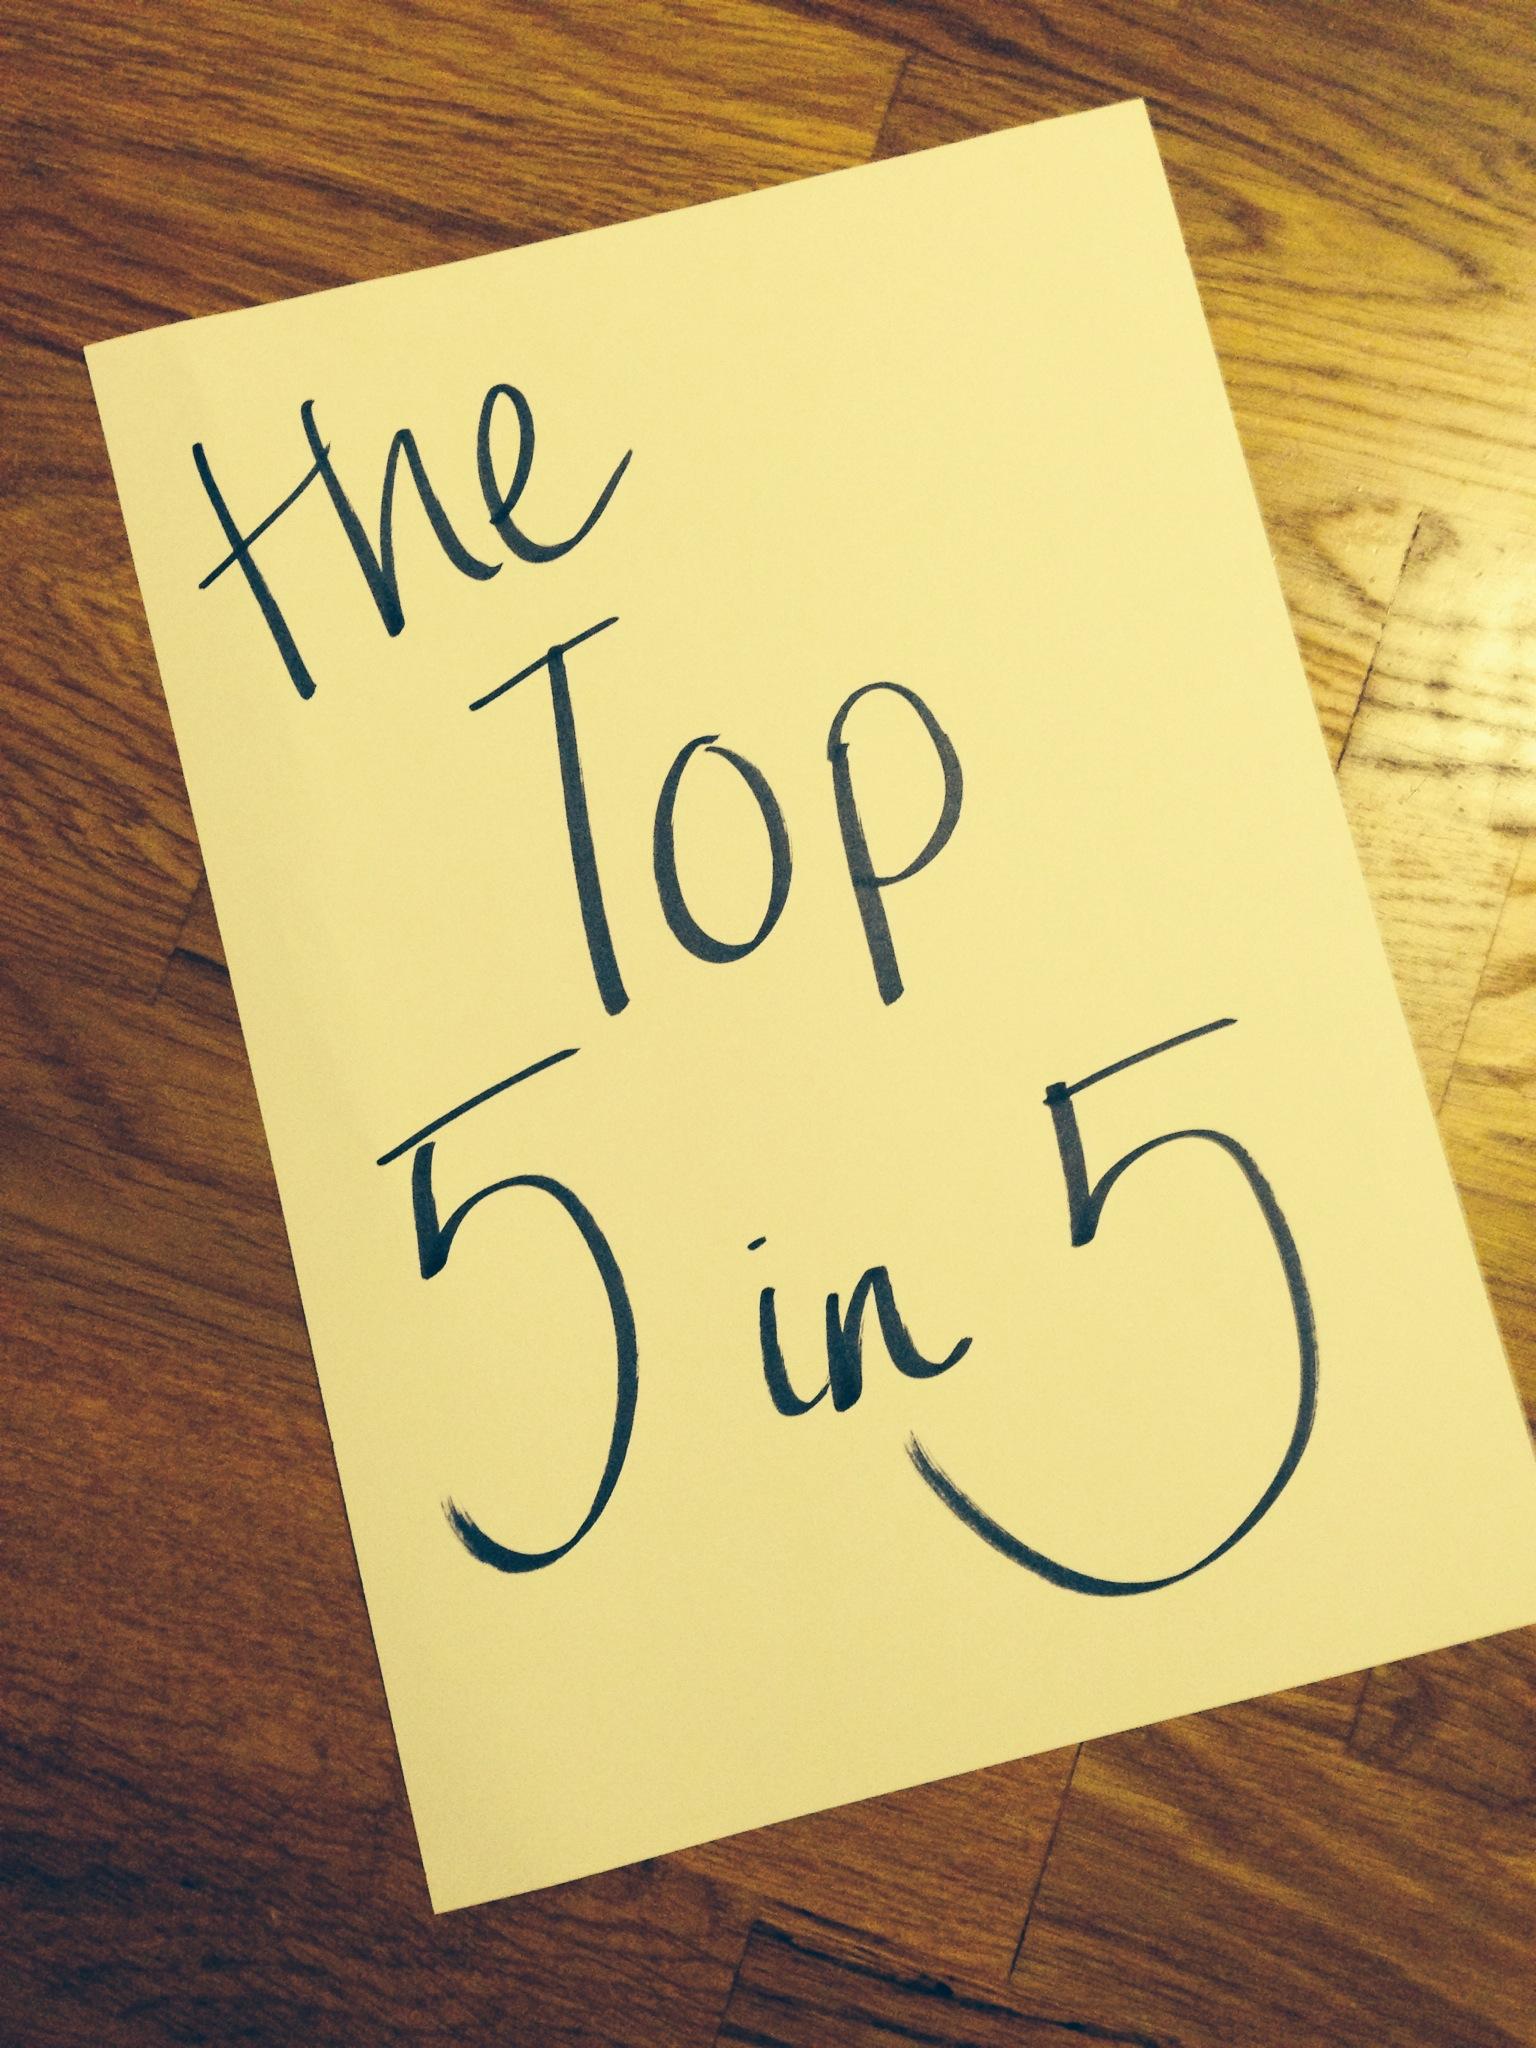 Top 5 in 5